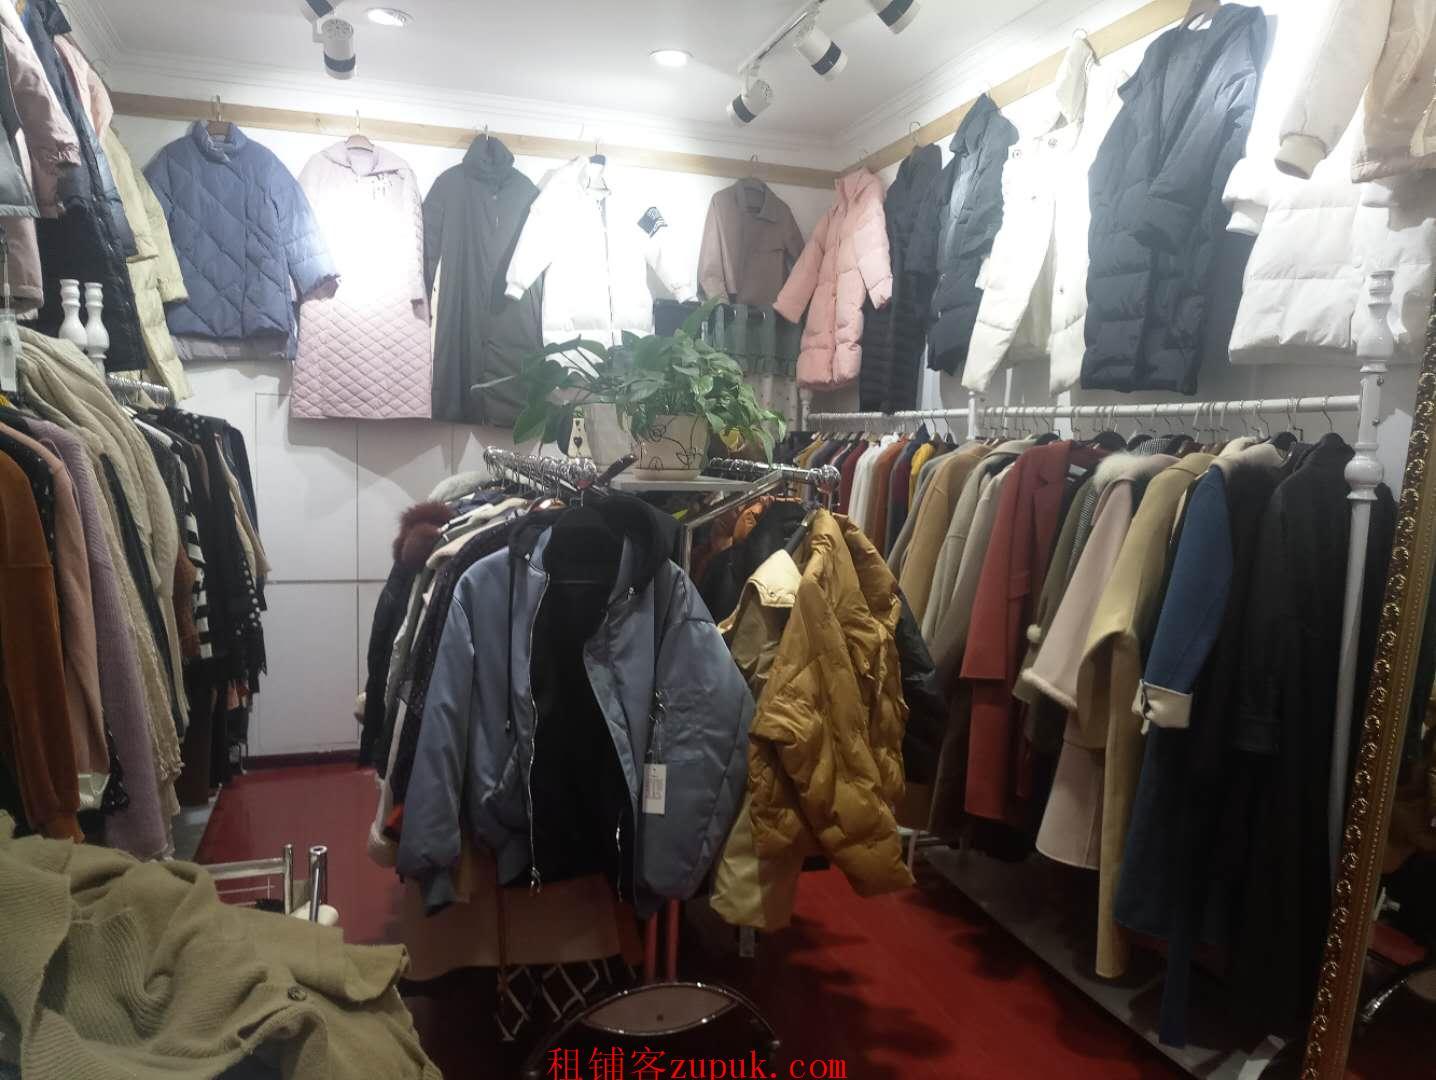 黄河路服装市场精装修服装店急转